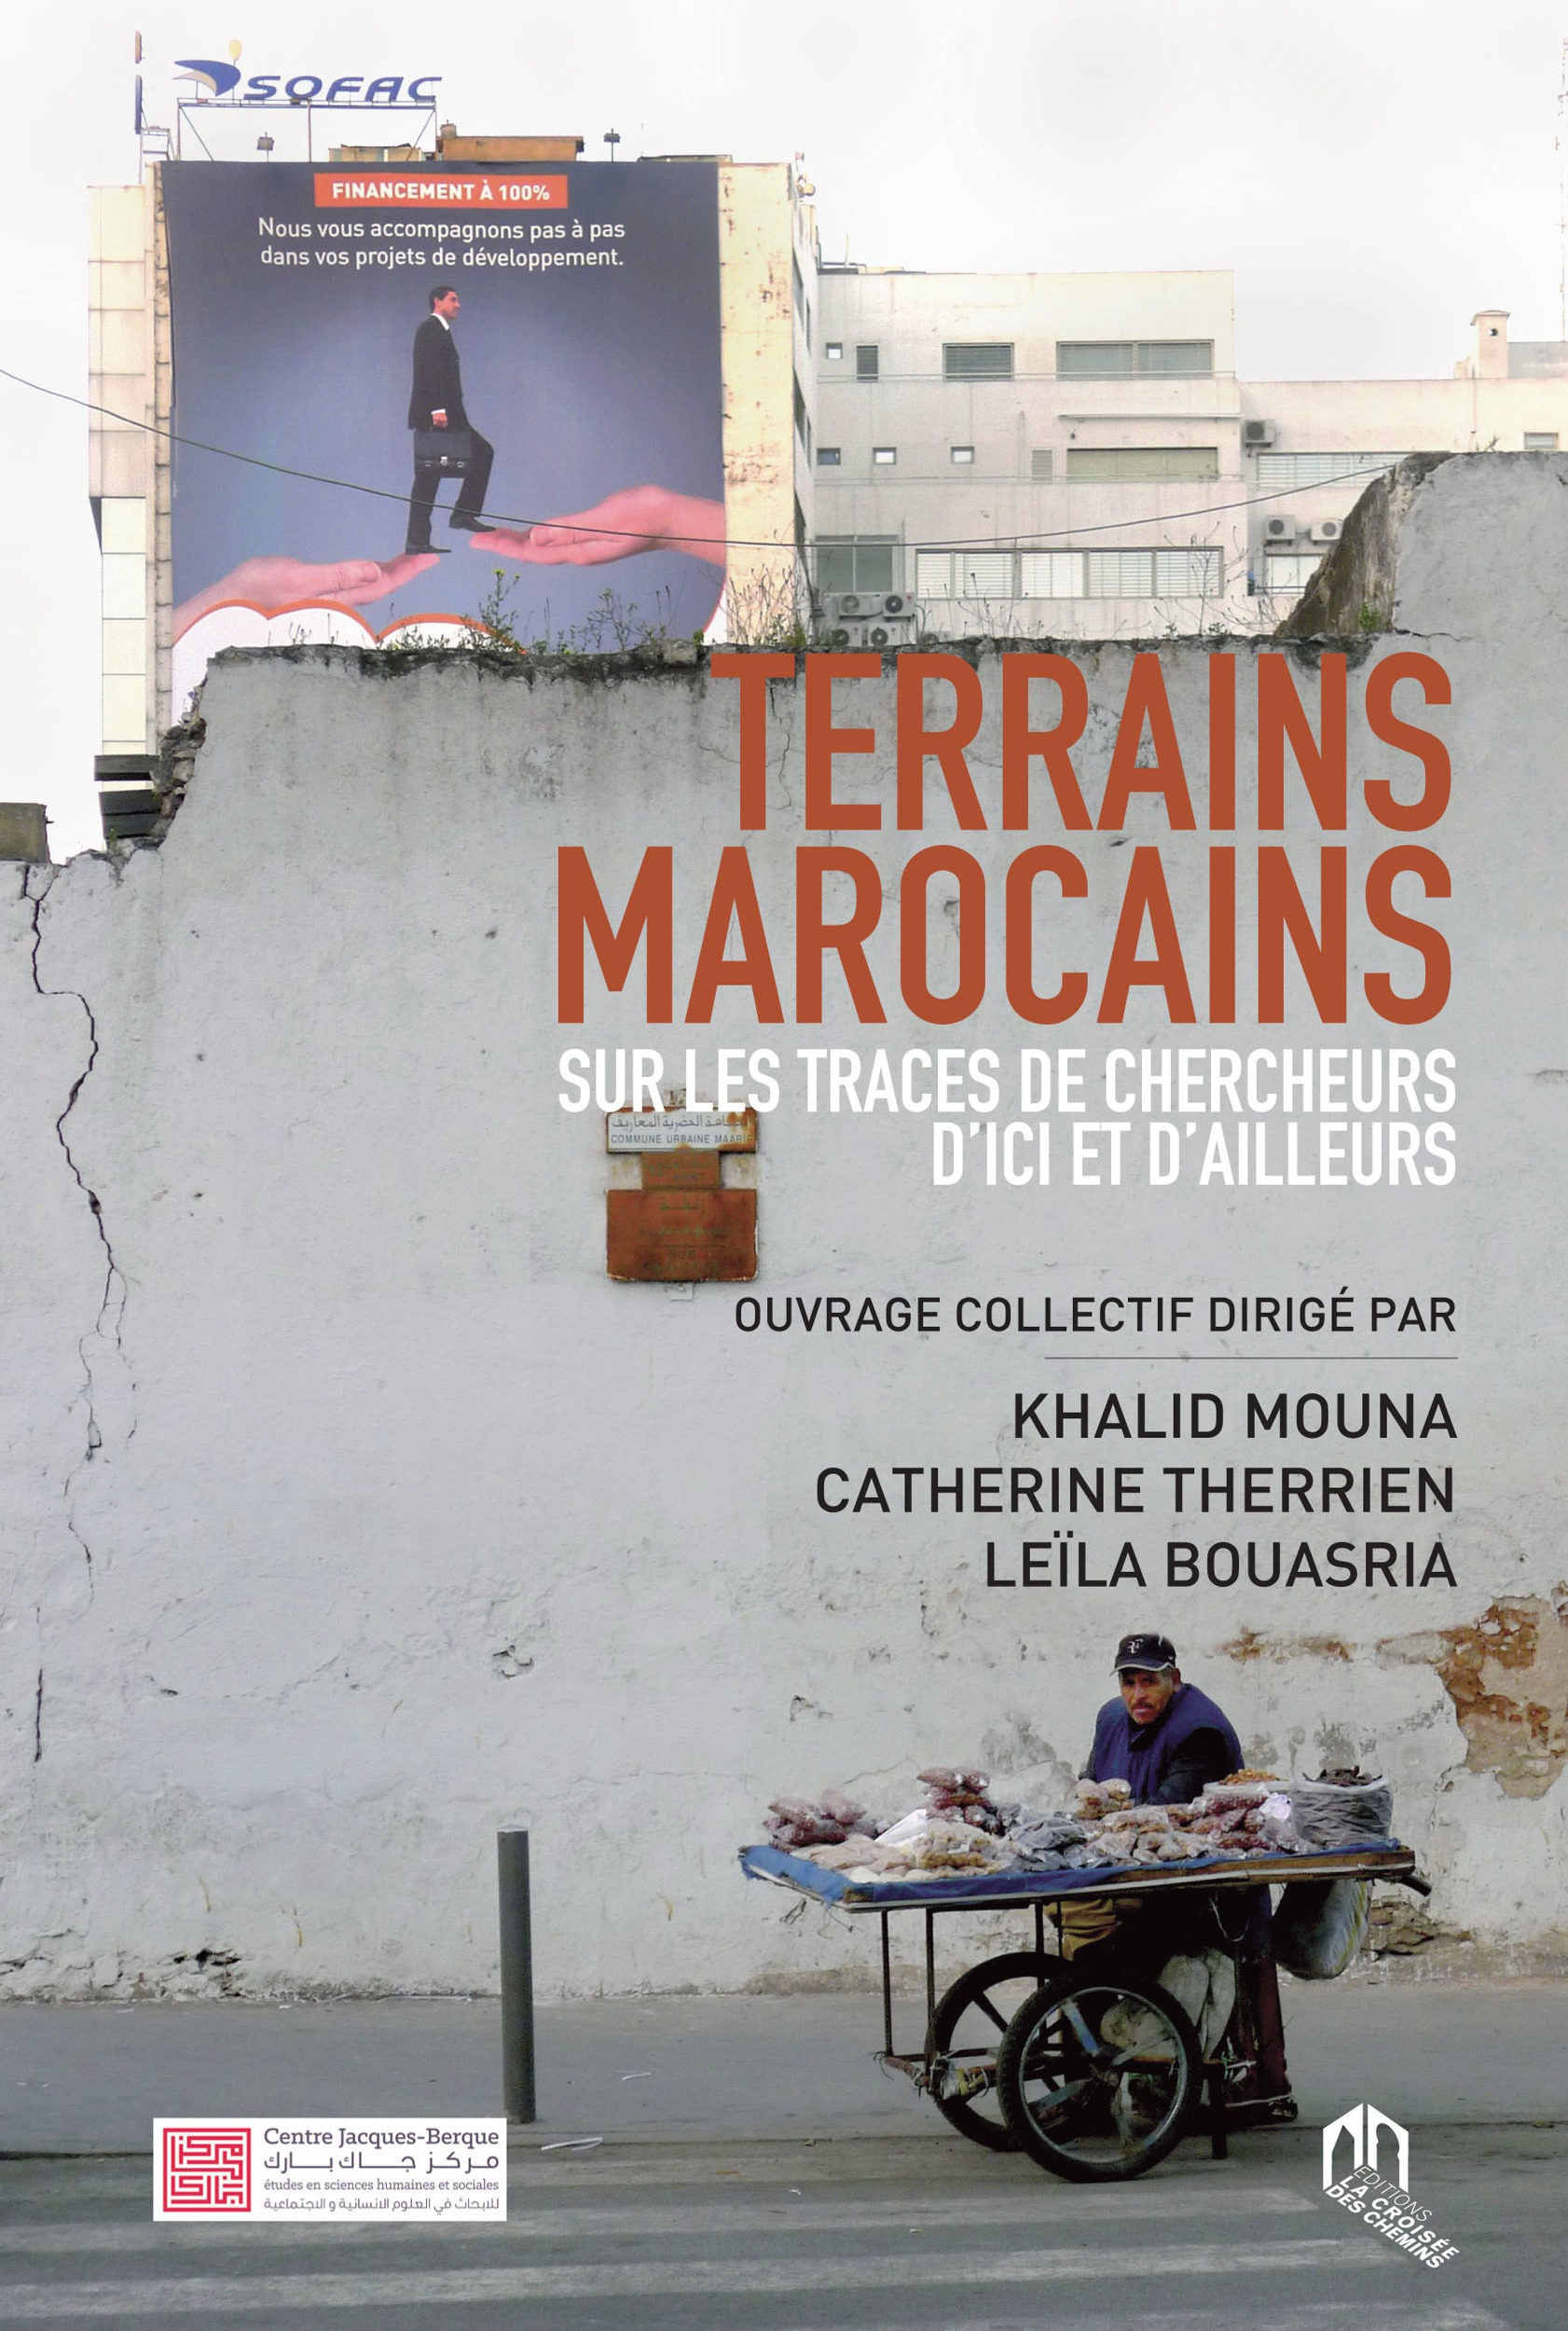 Terrains marocains